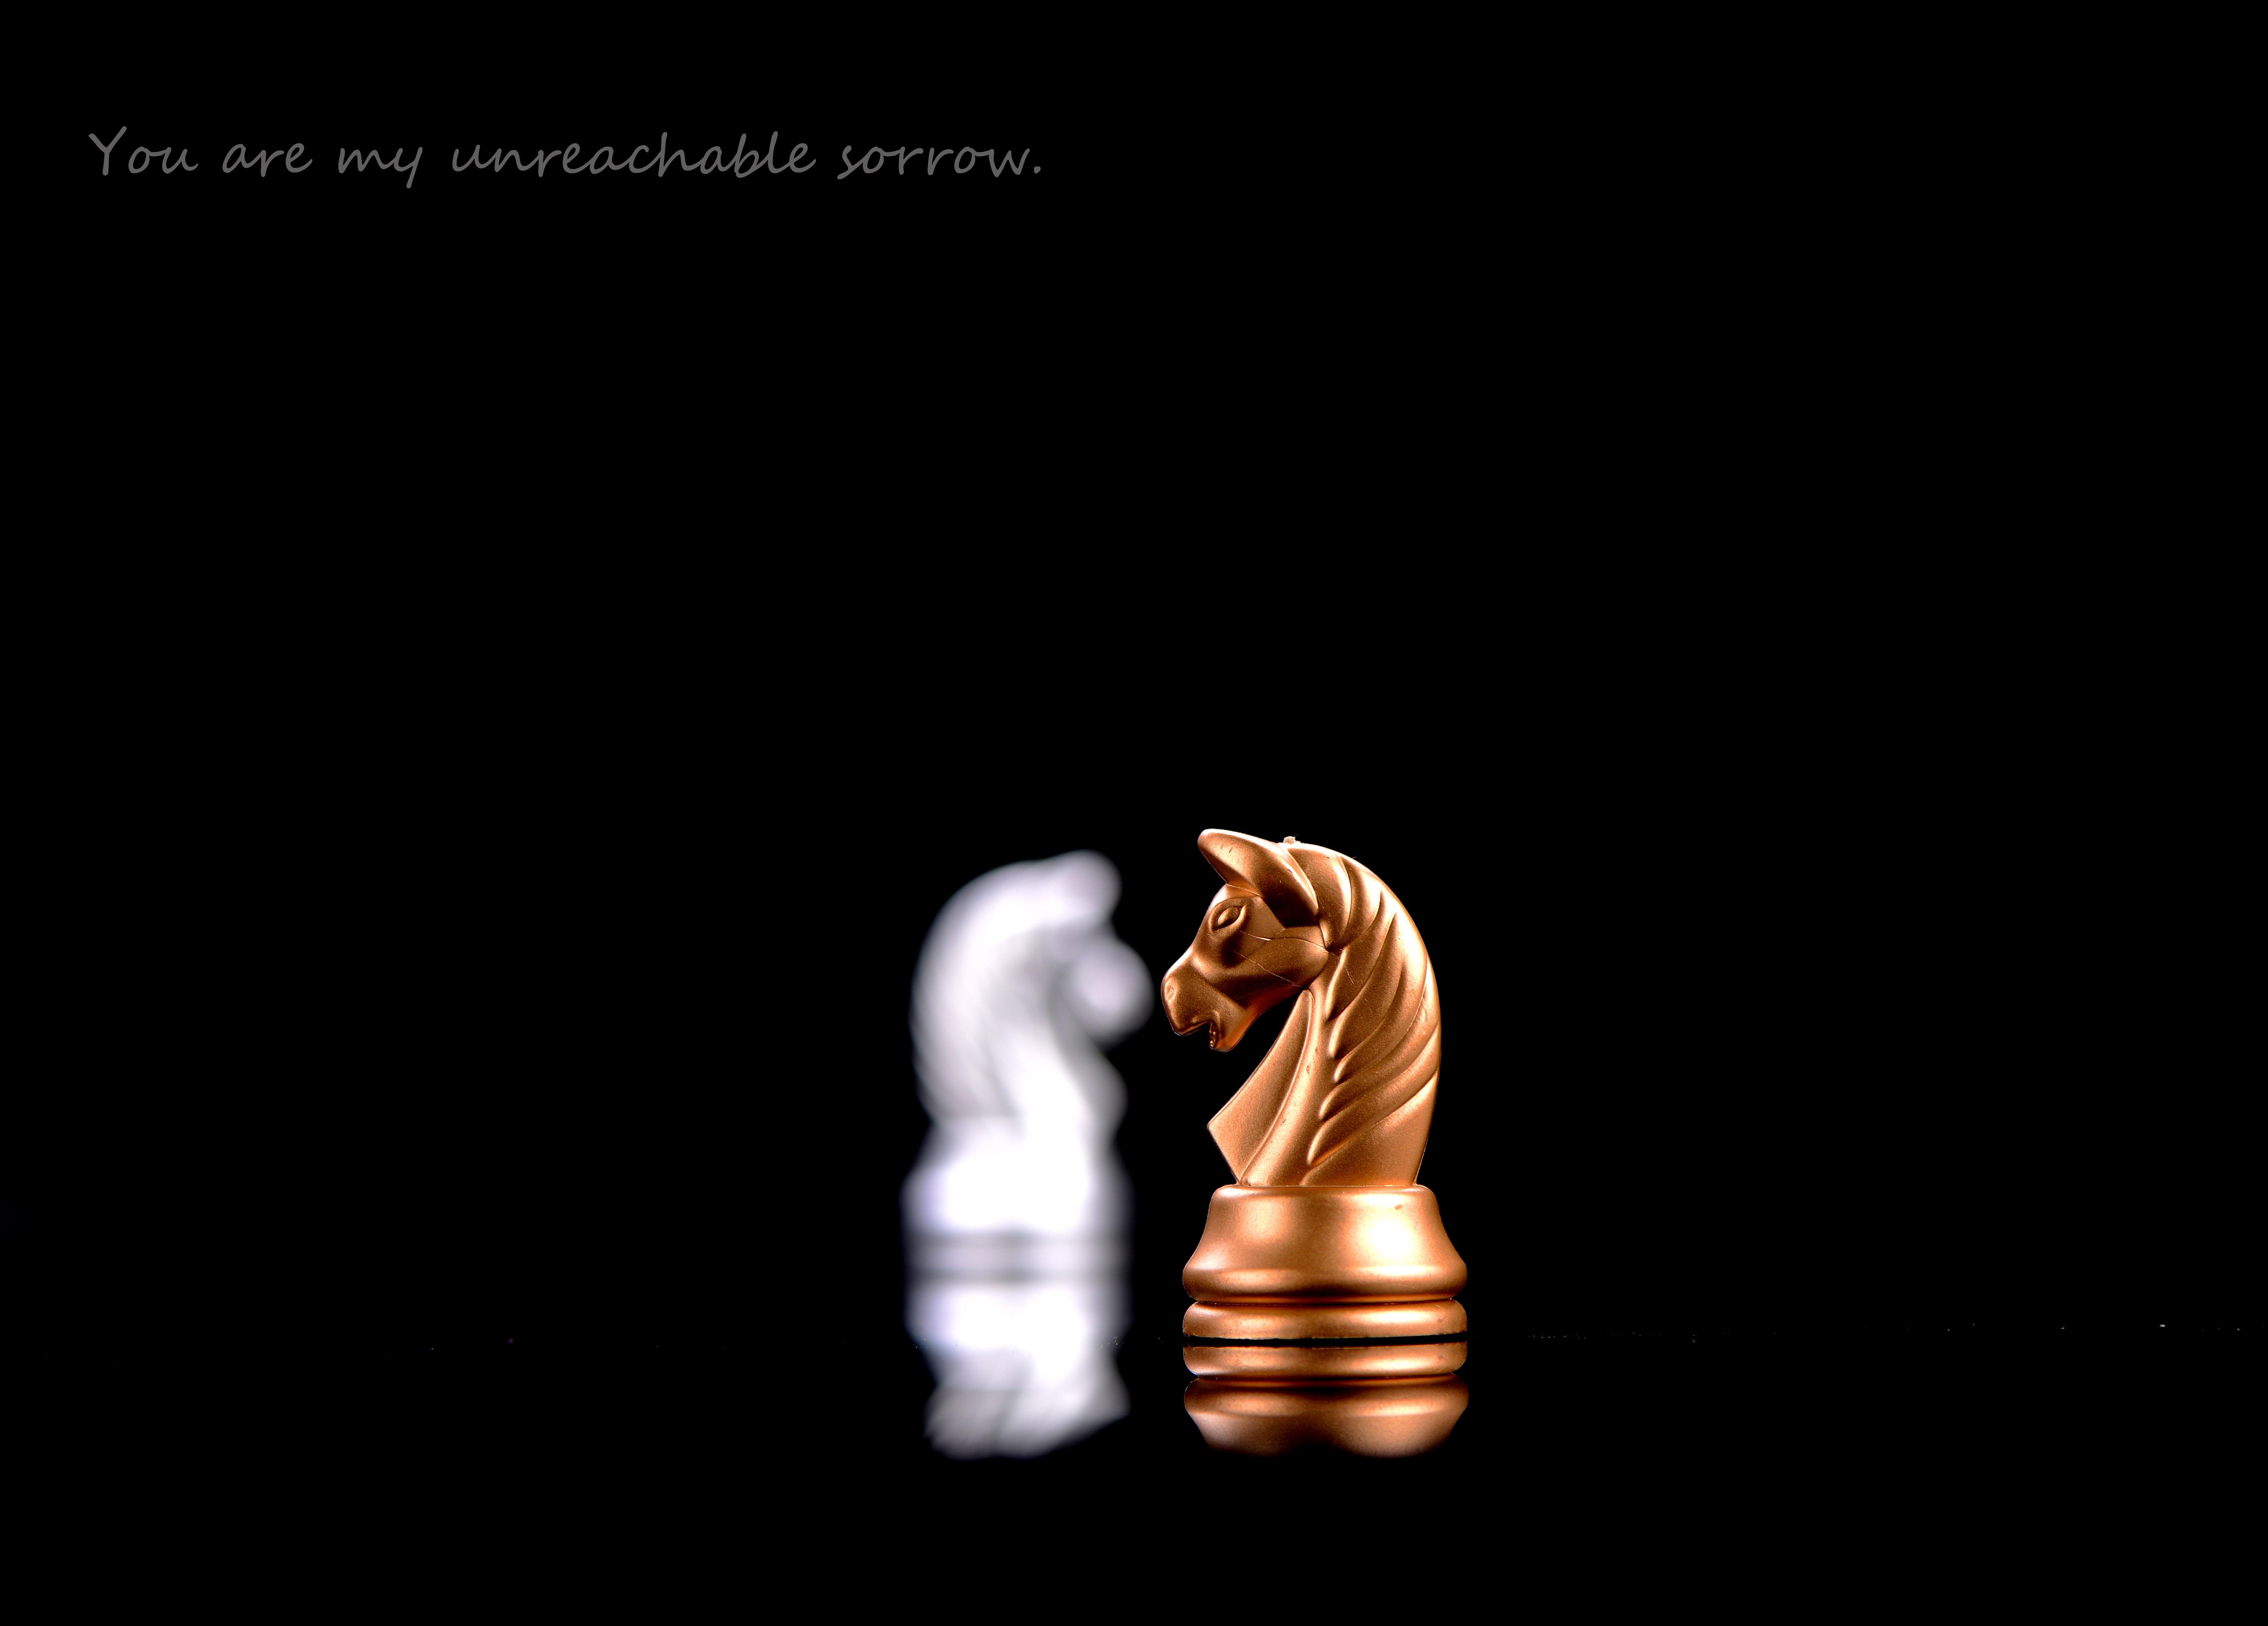 Fotos Gratis Recreacion Amor Oscuridad Juego De Mesa Ajedrez